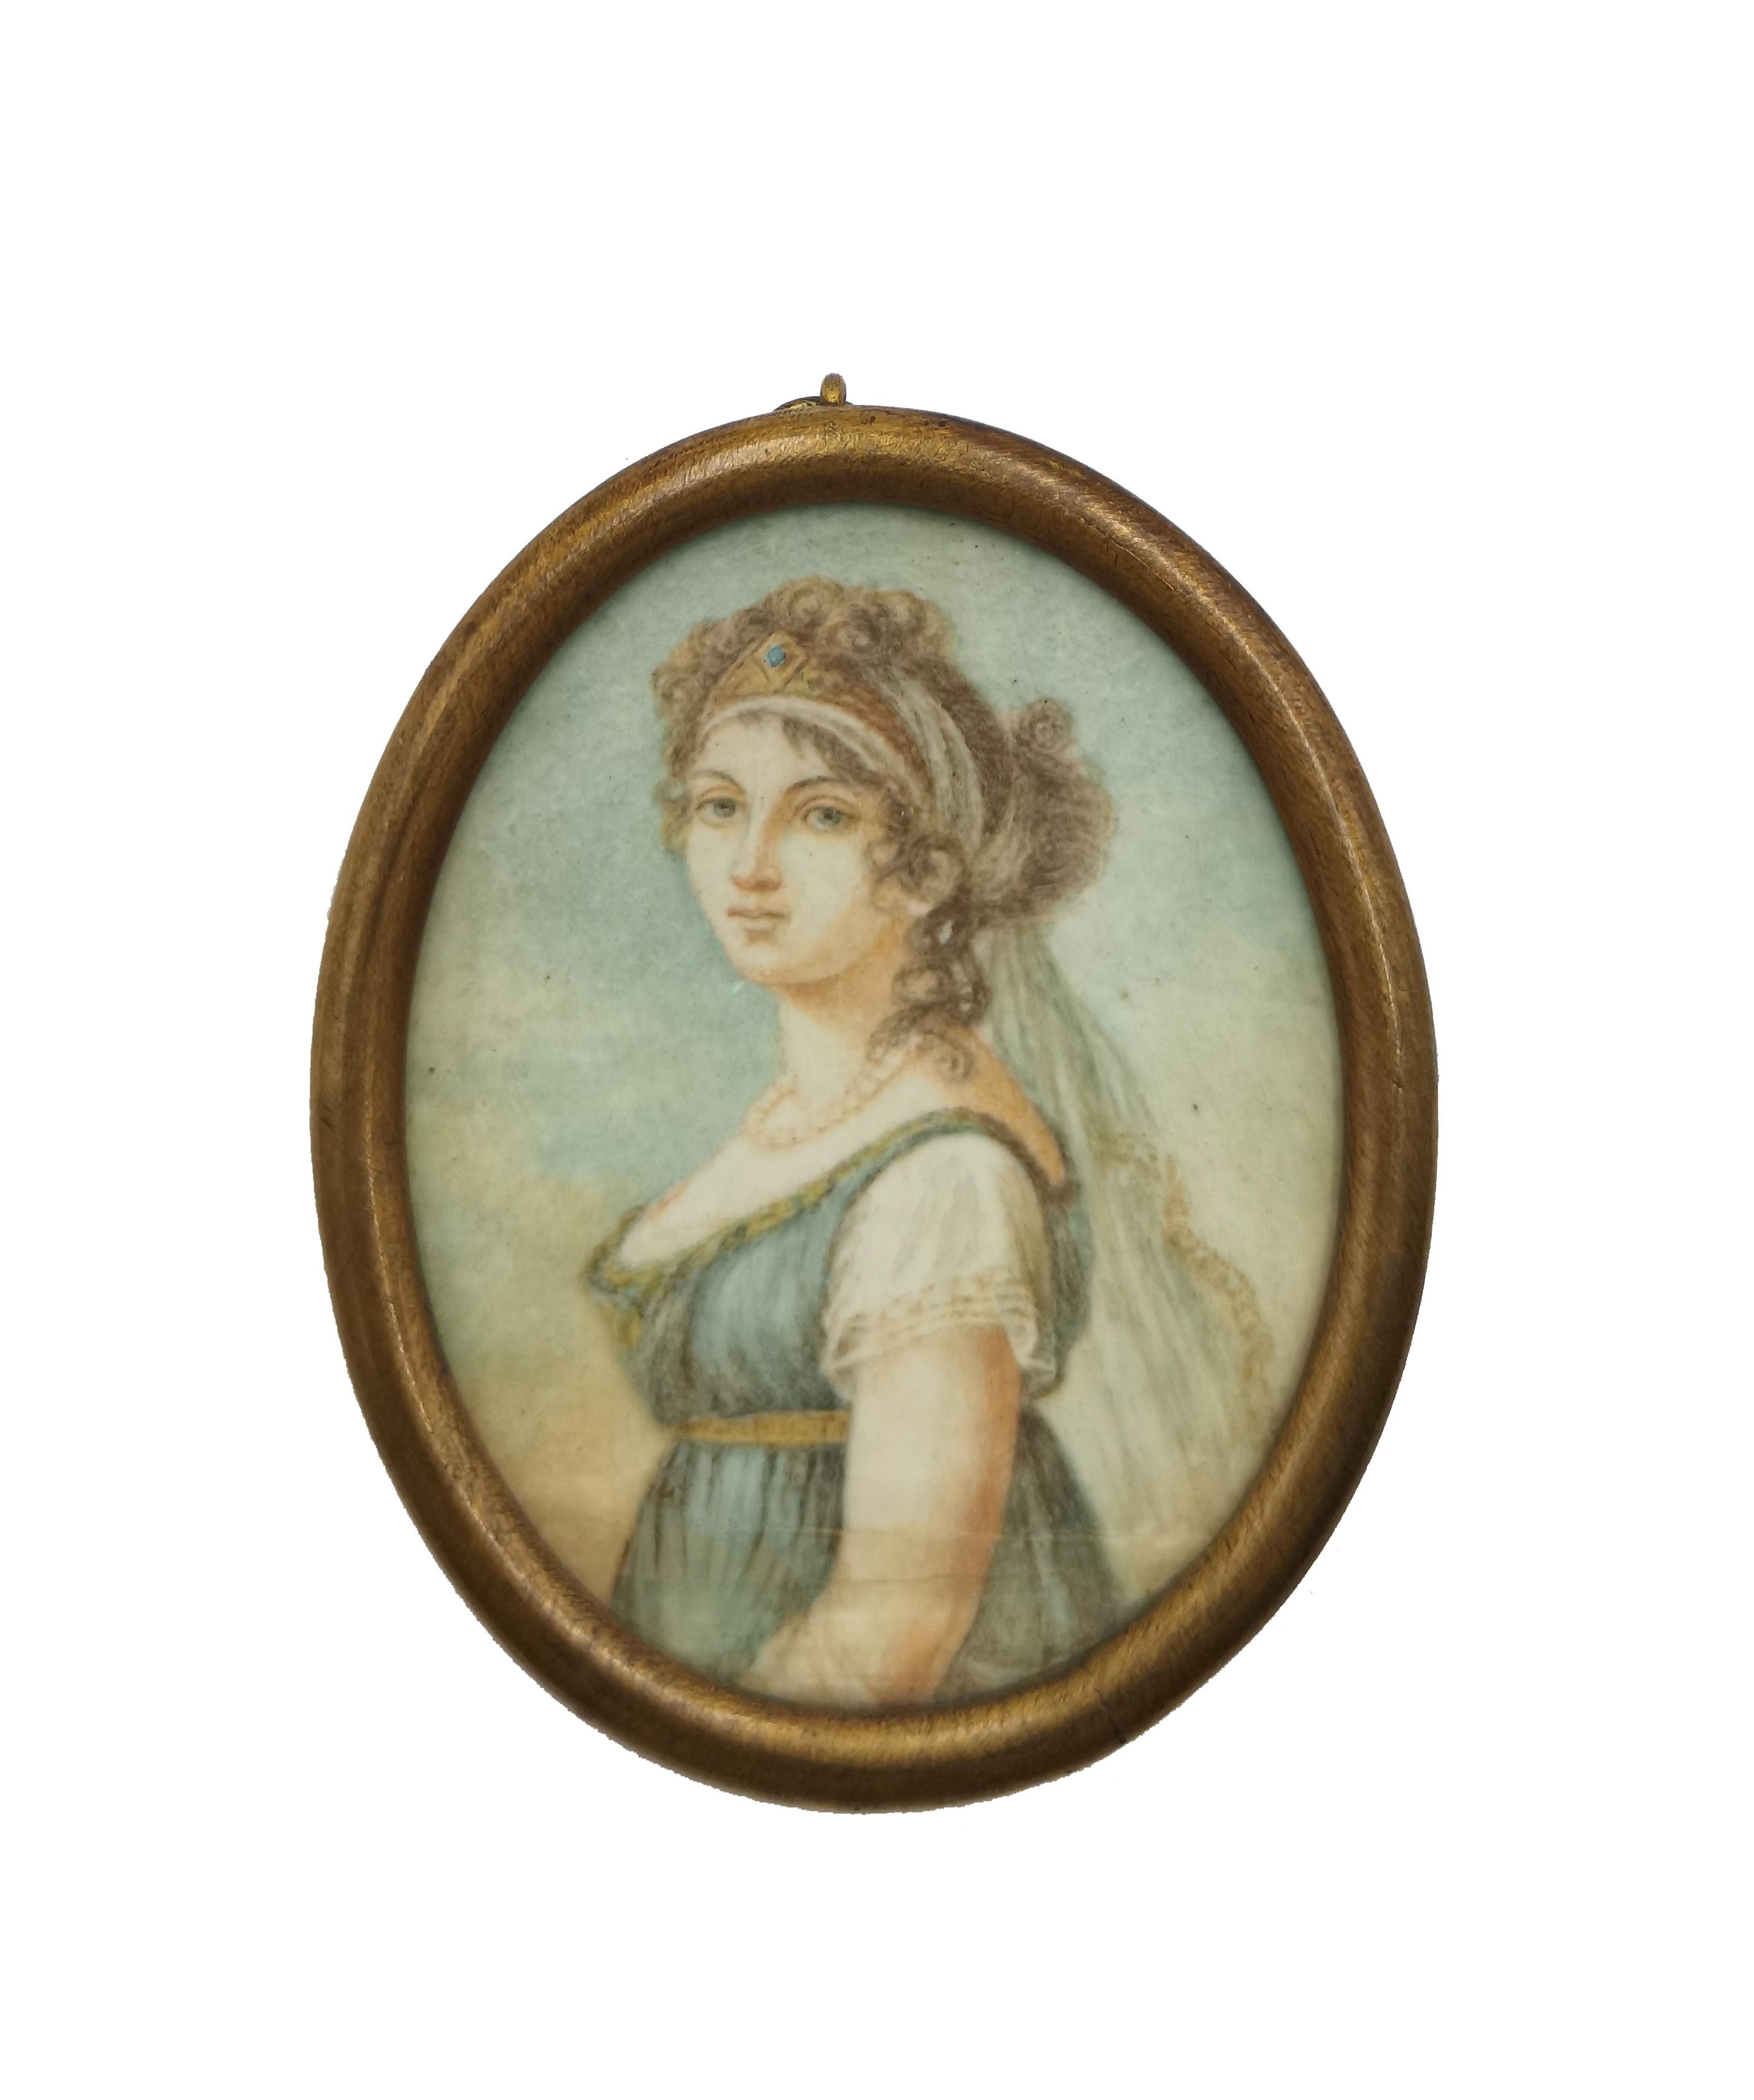 Portret kobiety w perłach - miniatura